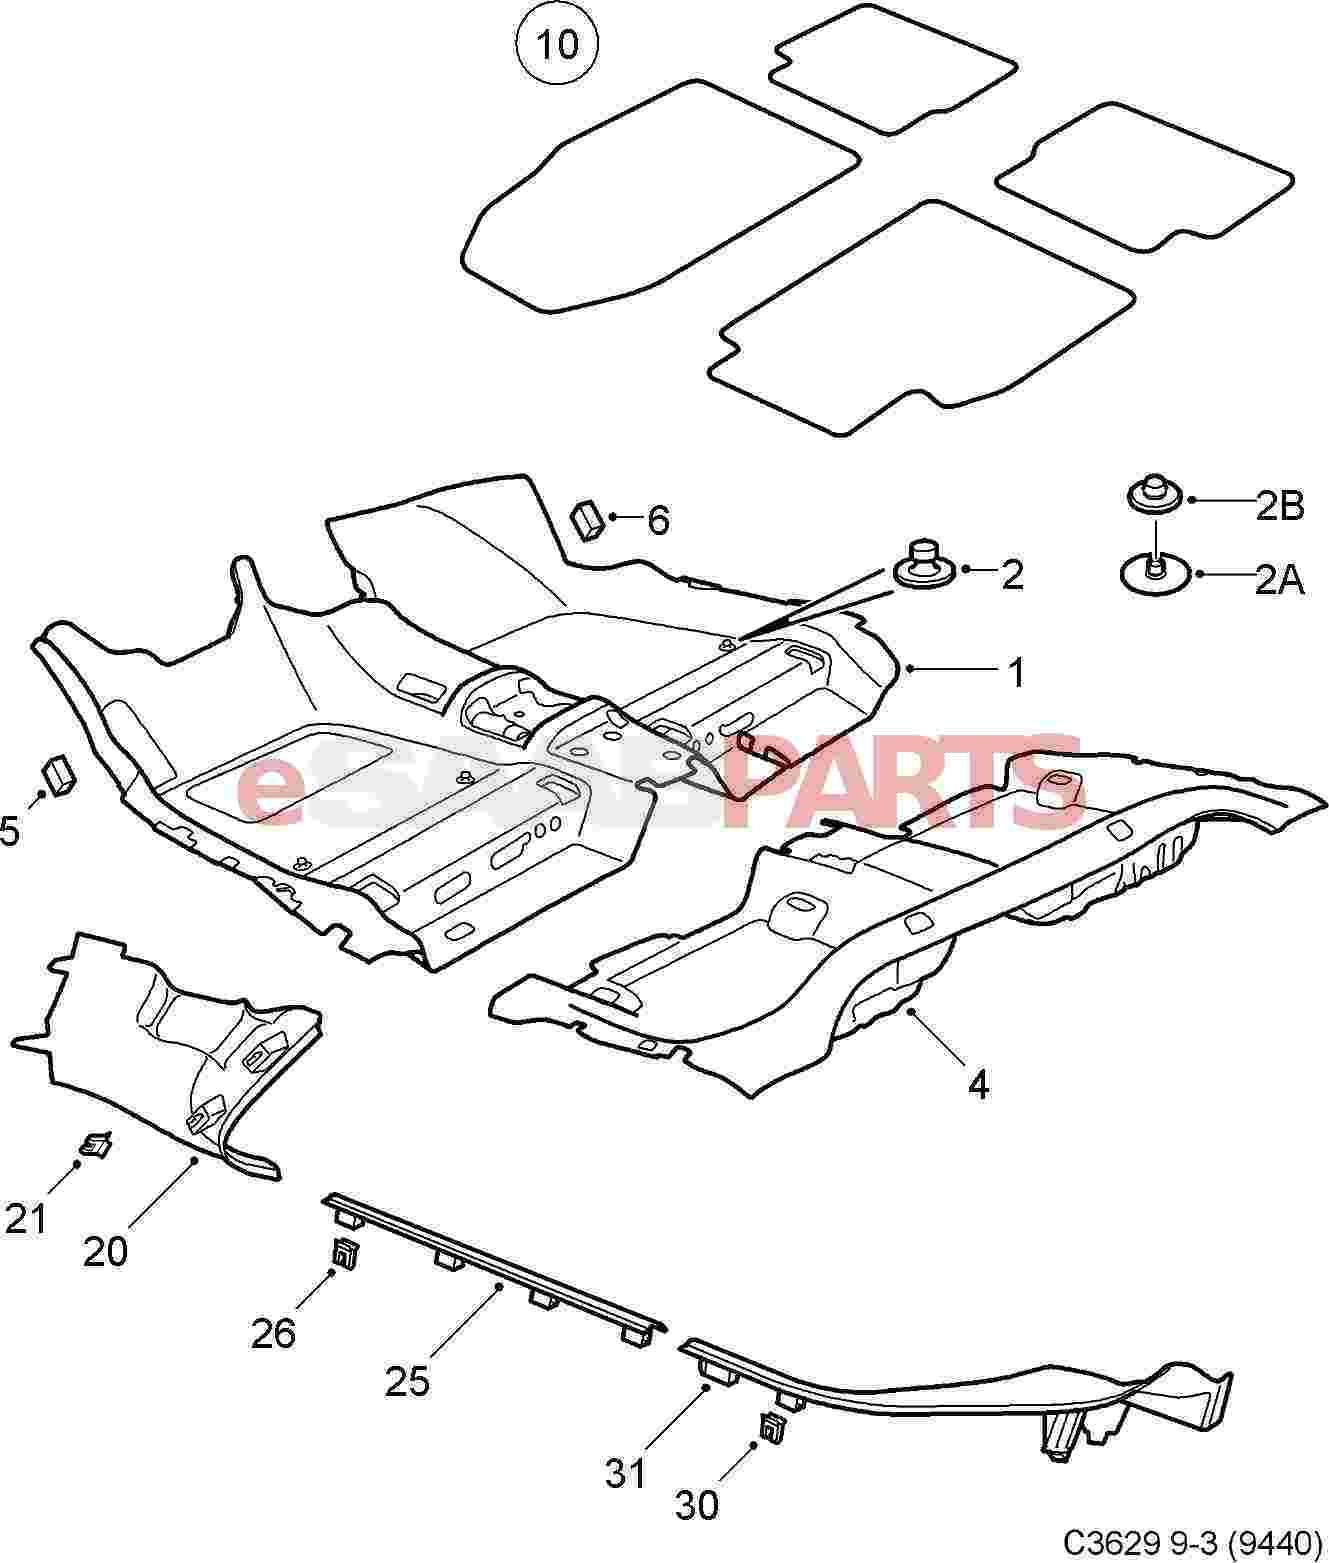 Esaabparts Com Saab 9 3 9440 Car Body Internal Parts Carpets Floor Mats Carpets 4d 5d 06 11